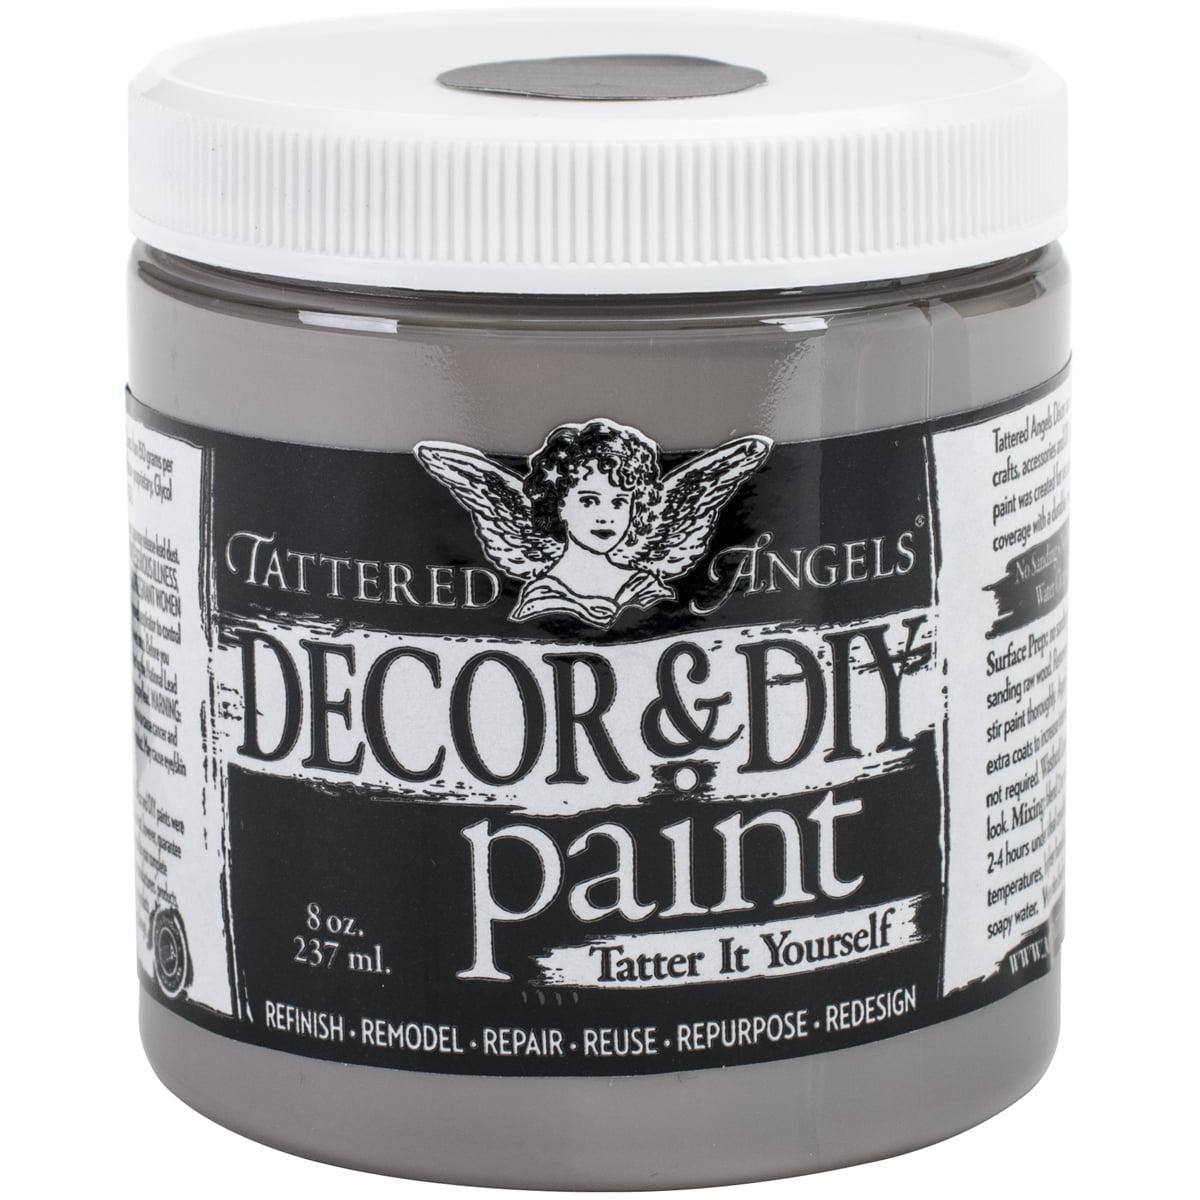 Decor & DIY Paint Cup 8oz-Silver